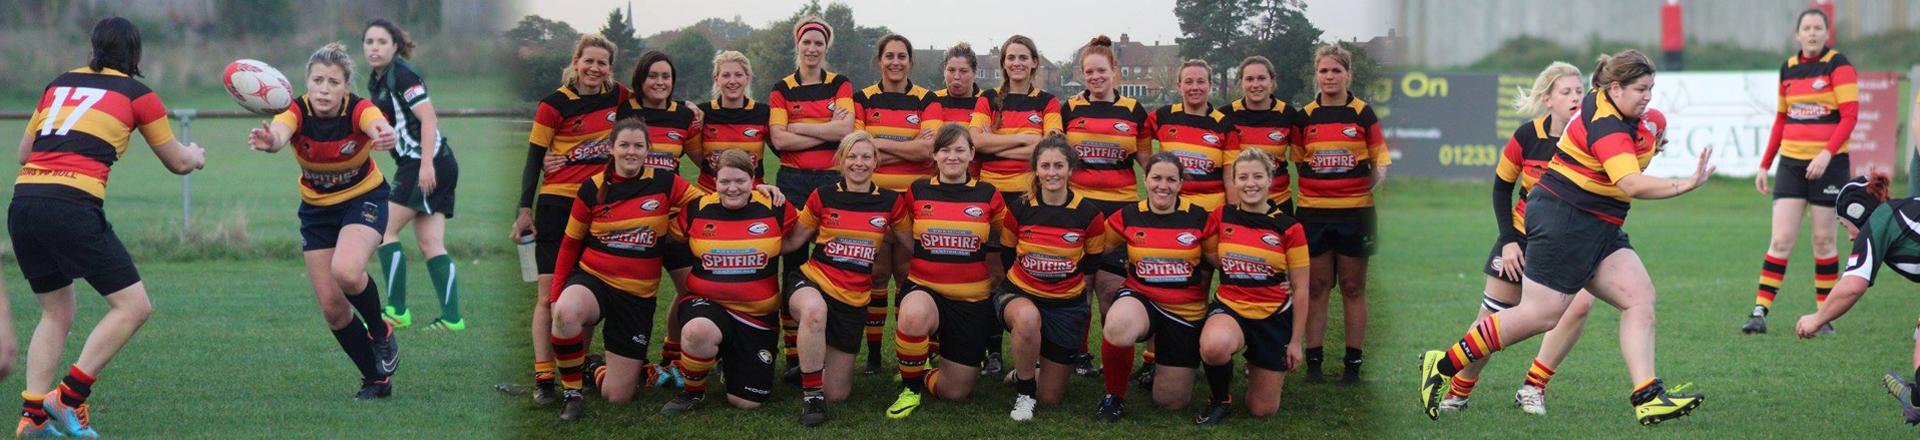 Ashford Ladies 1st XV